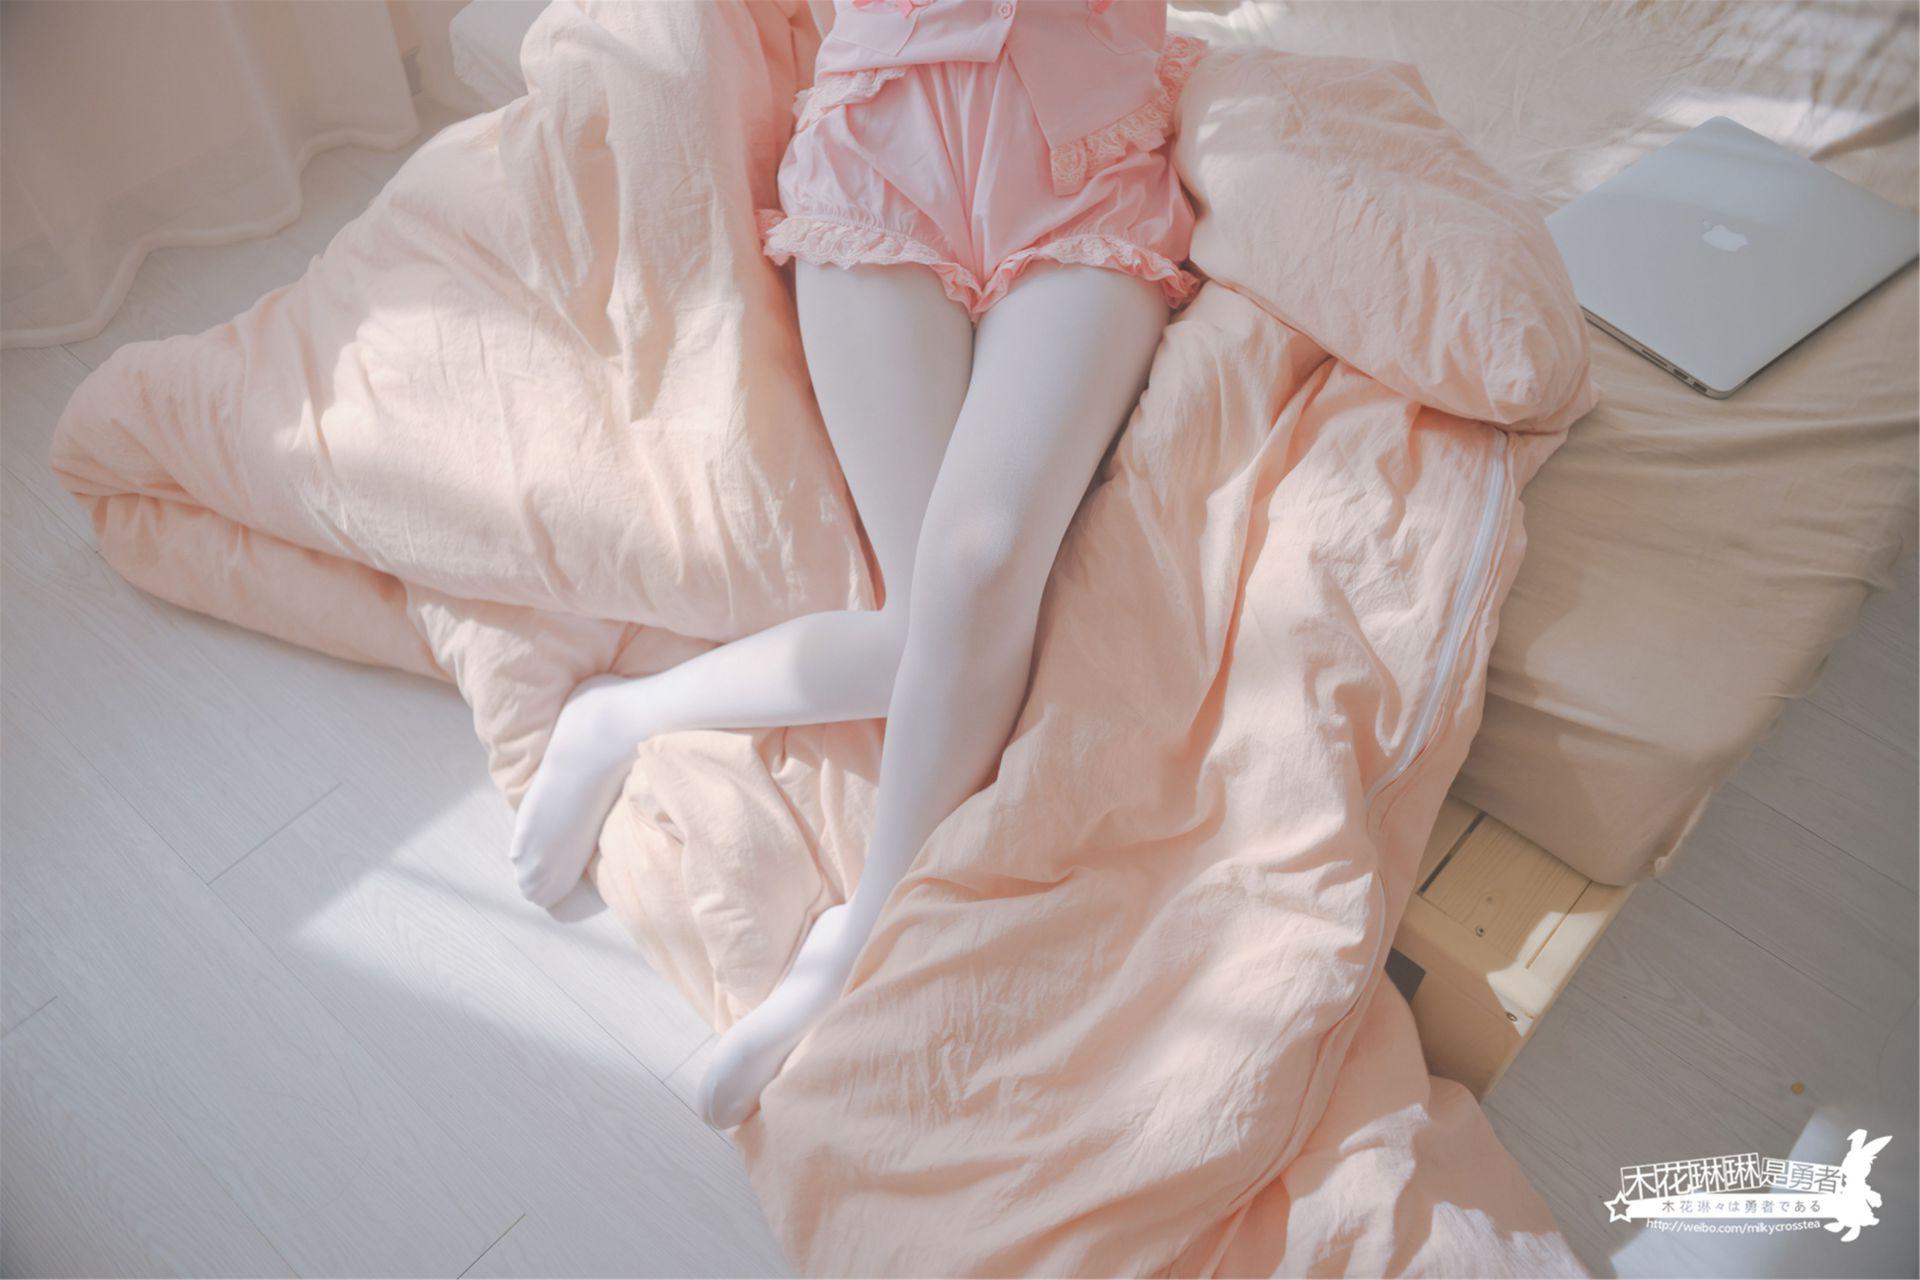 木花琳琳是勇者 No008 こどものじかん 兔玩映画 第3张